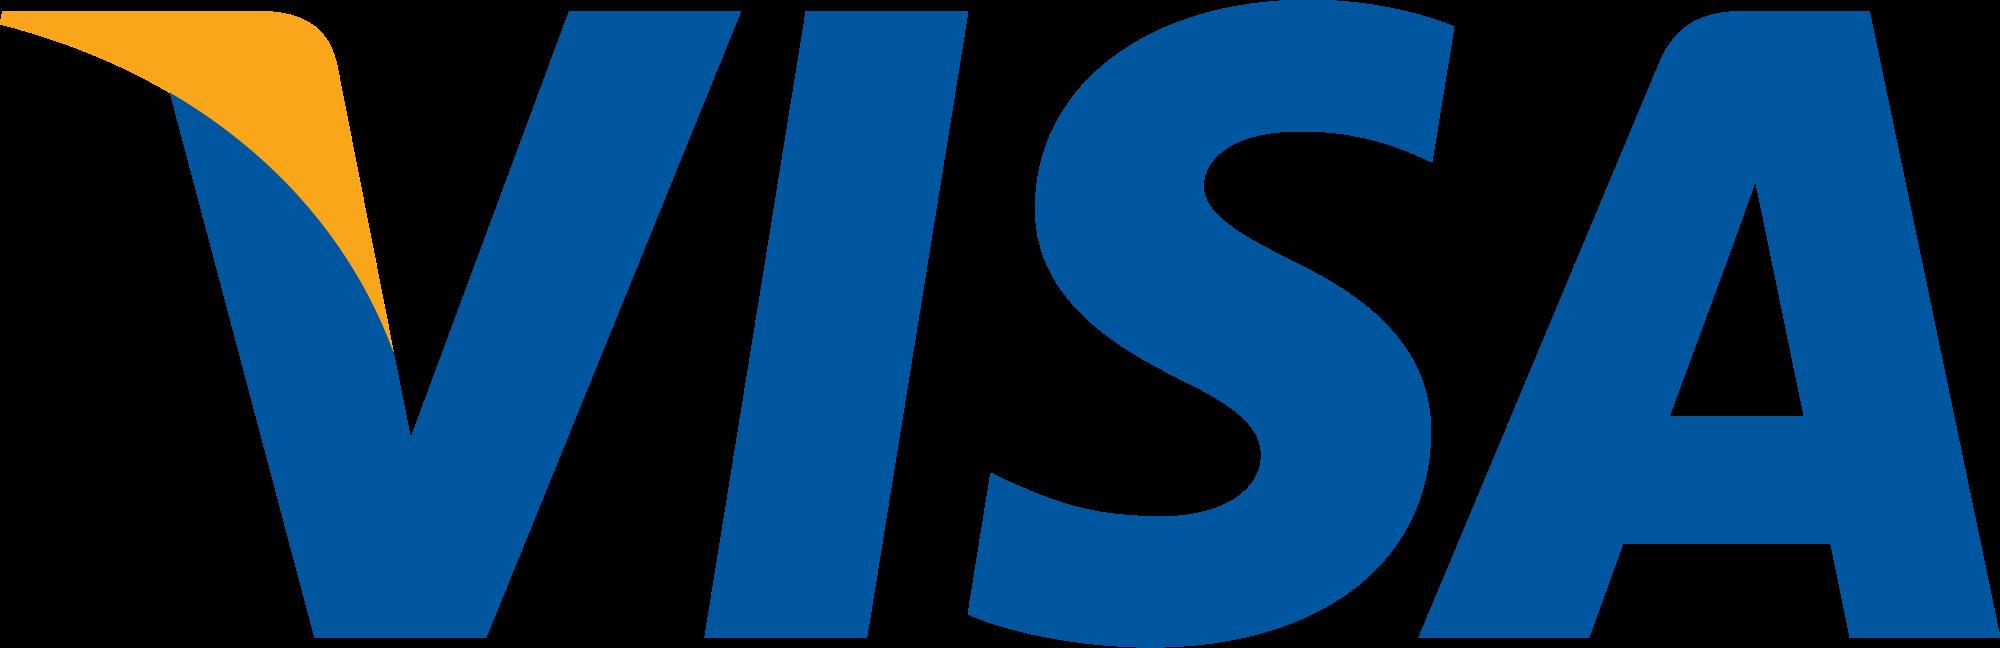 Visa Logo Png - Free Transparent PNG Logos